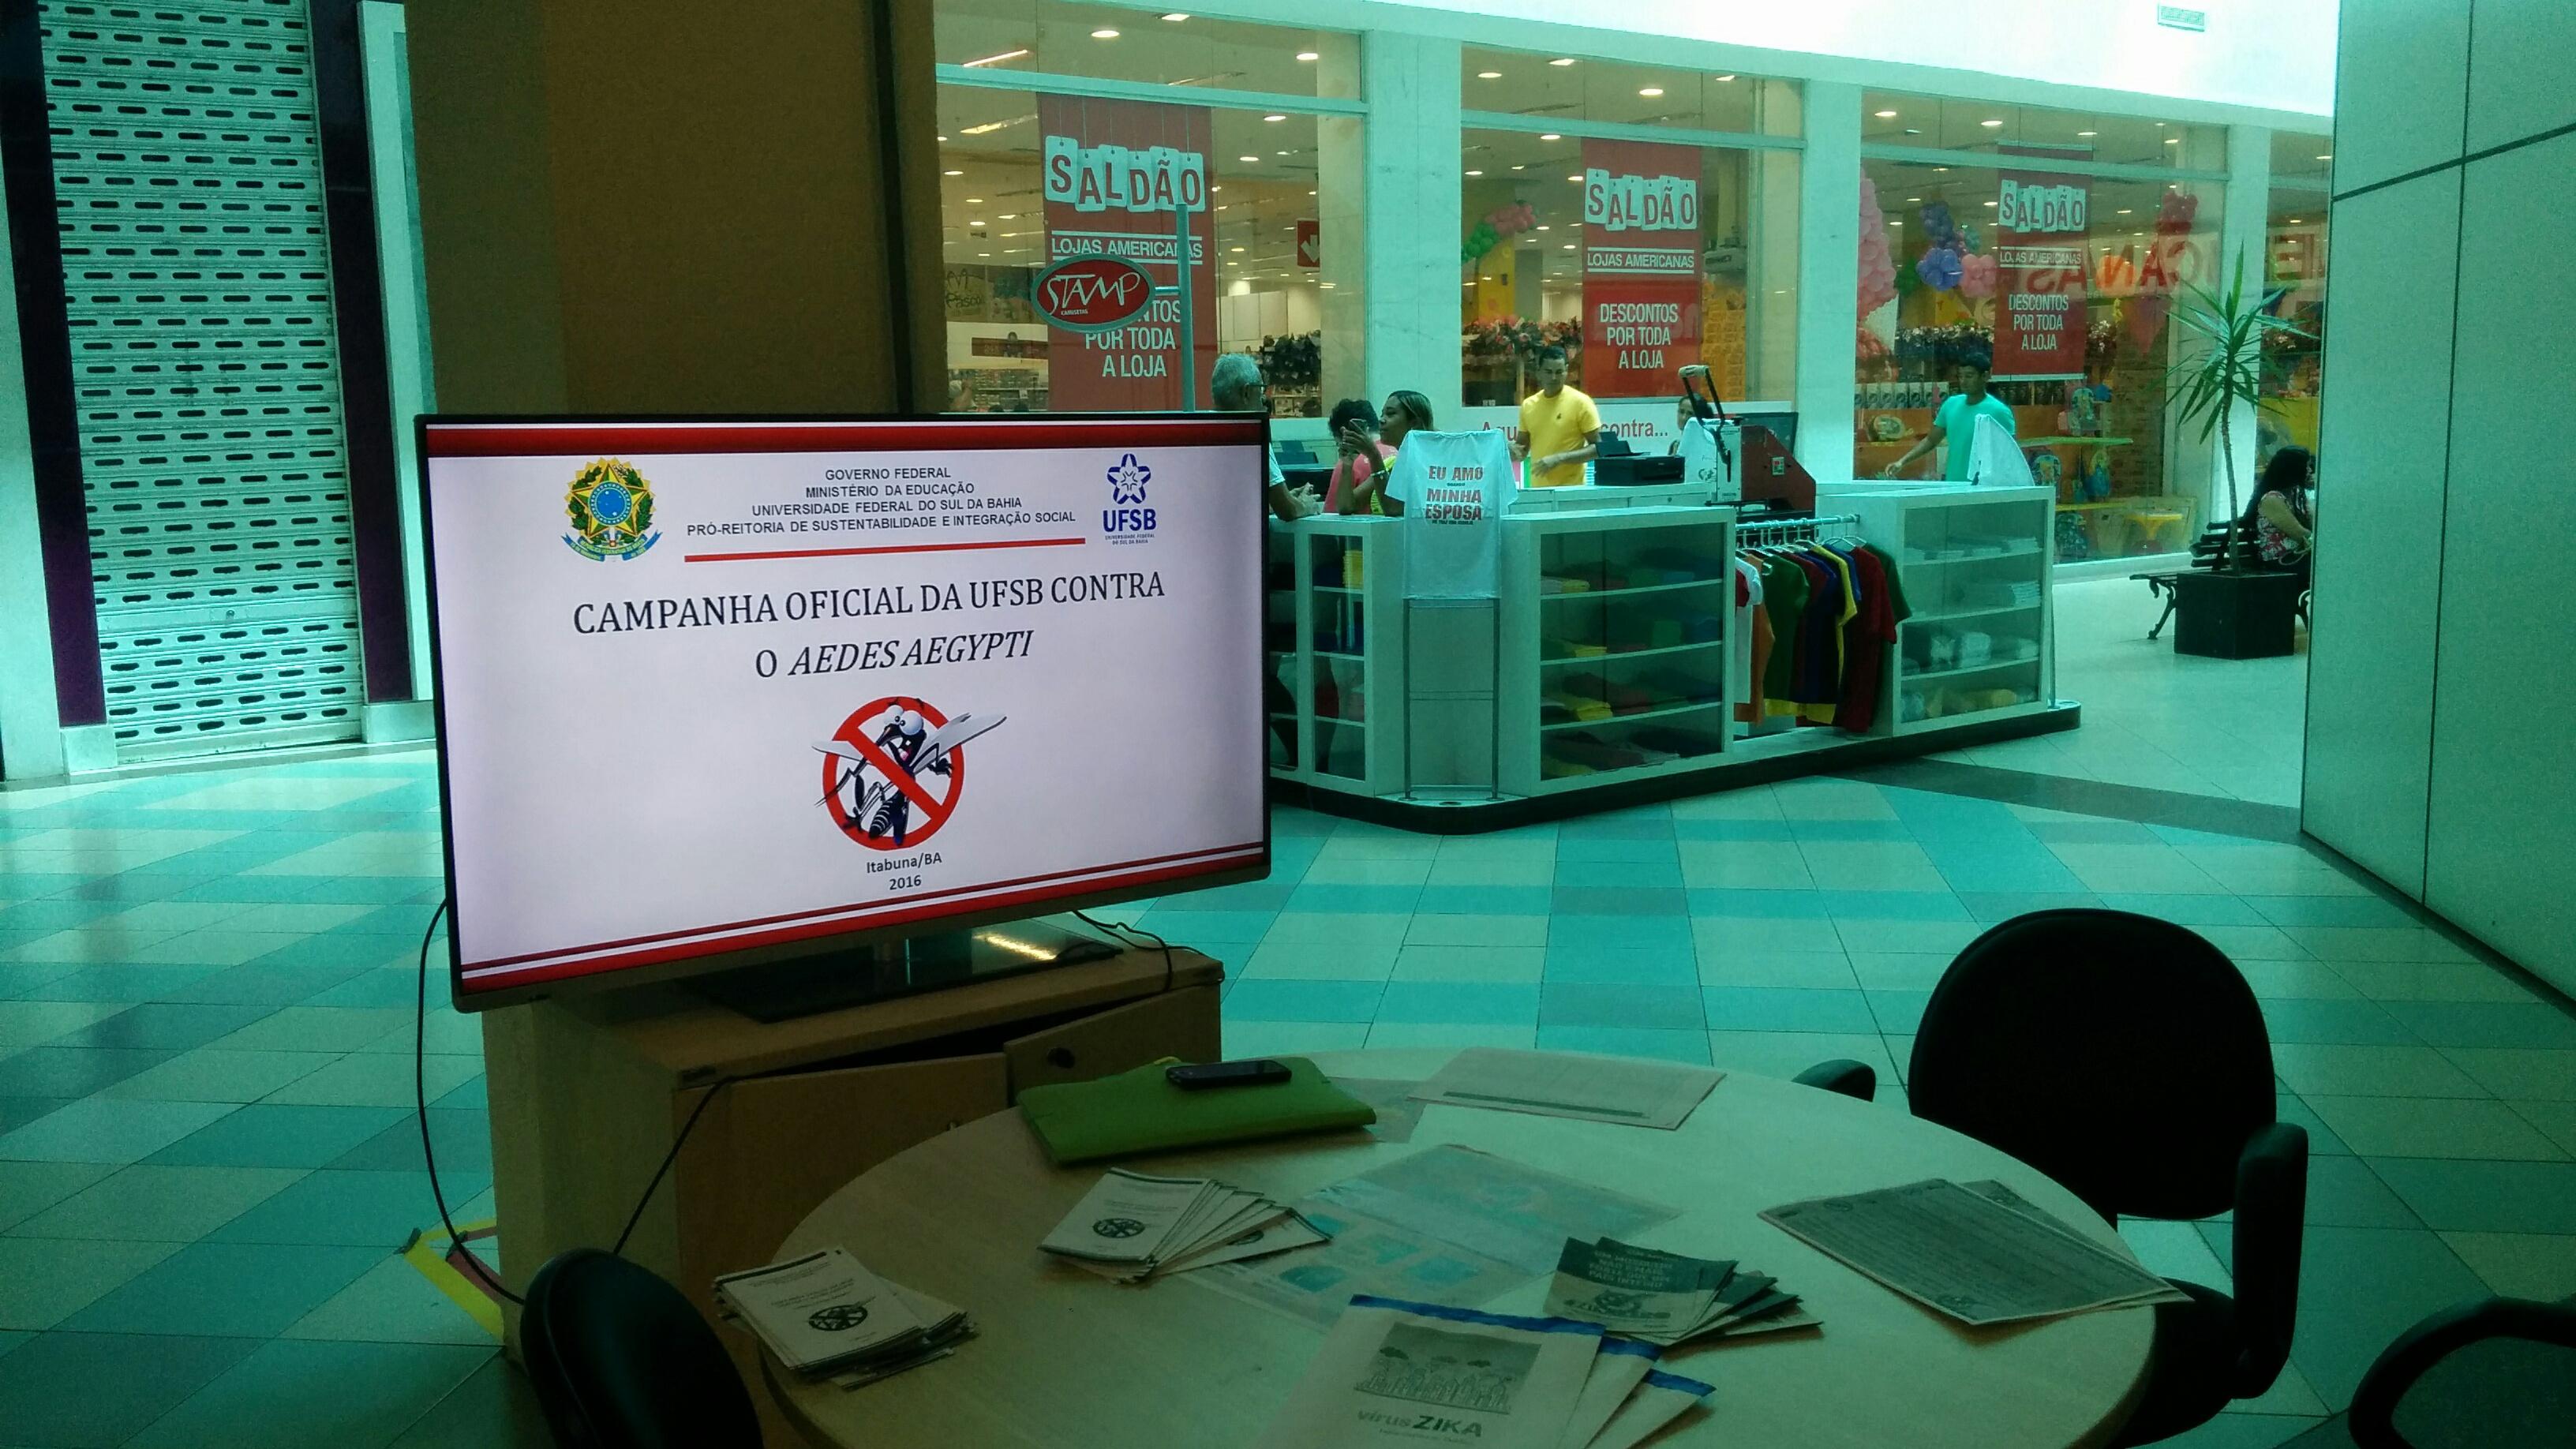 Tela do estande em primeiro plano, exibindo as informações da Campanha contra o mosquito vetor das doenças, com as vitrines das lojas próximas ao fundo